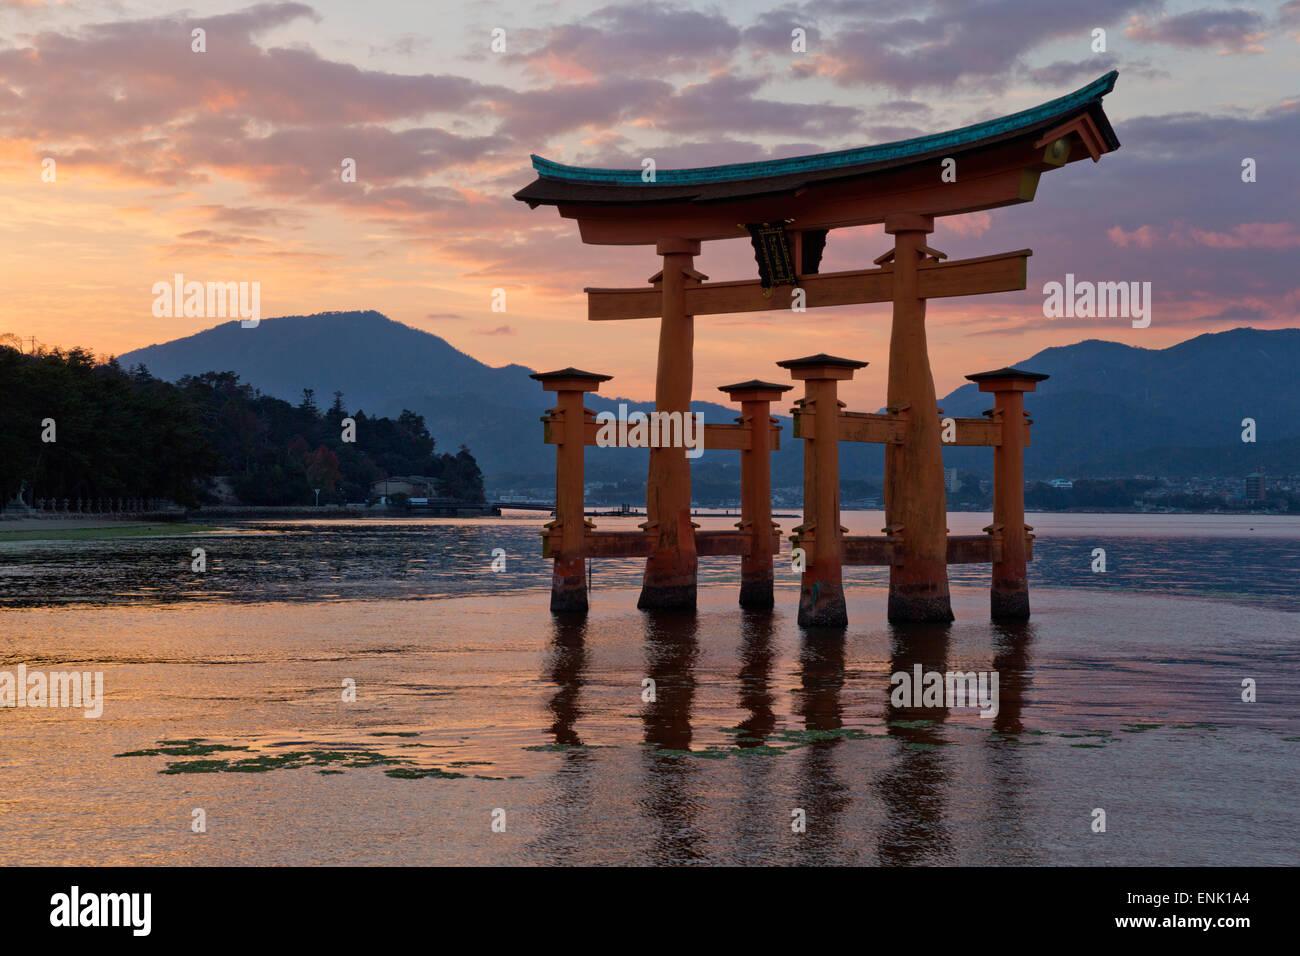 Il floating Miyajima torii gate del santuario di Itsukushima al tramonto, l'UNESCO, l'isola di Miyajima, Immagini Stock